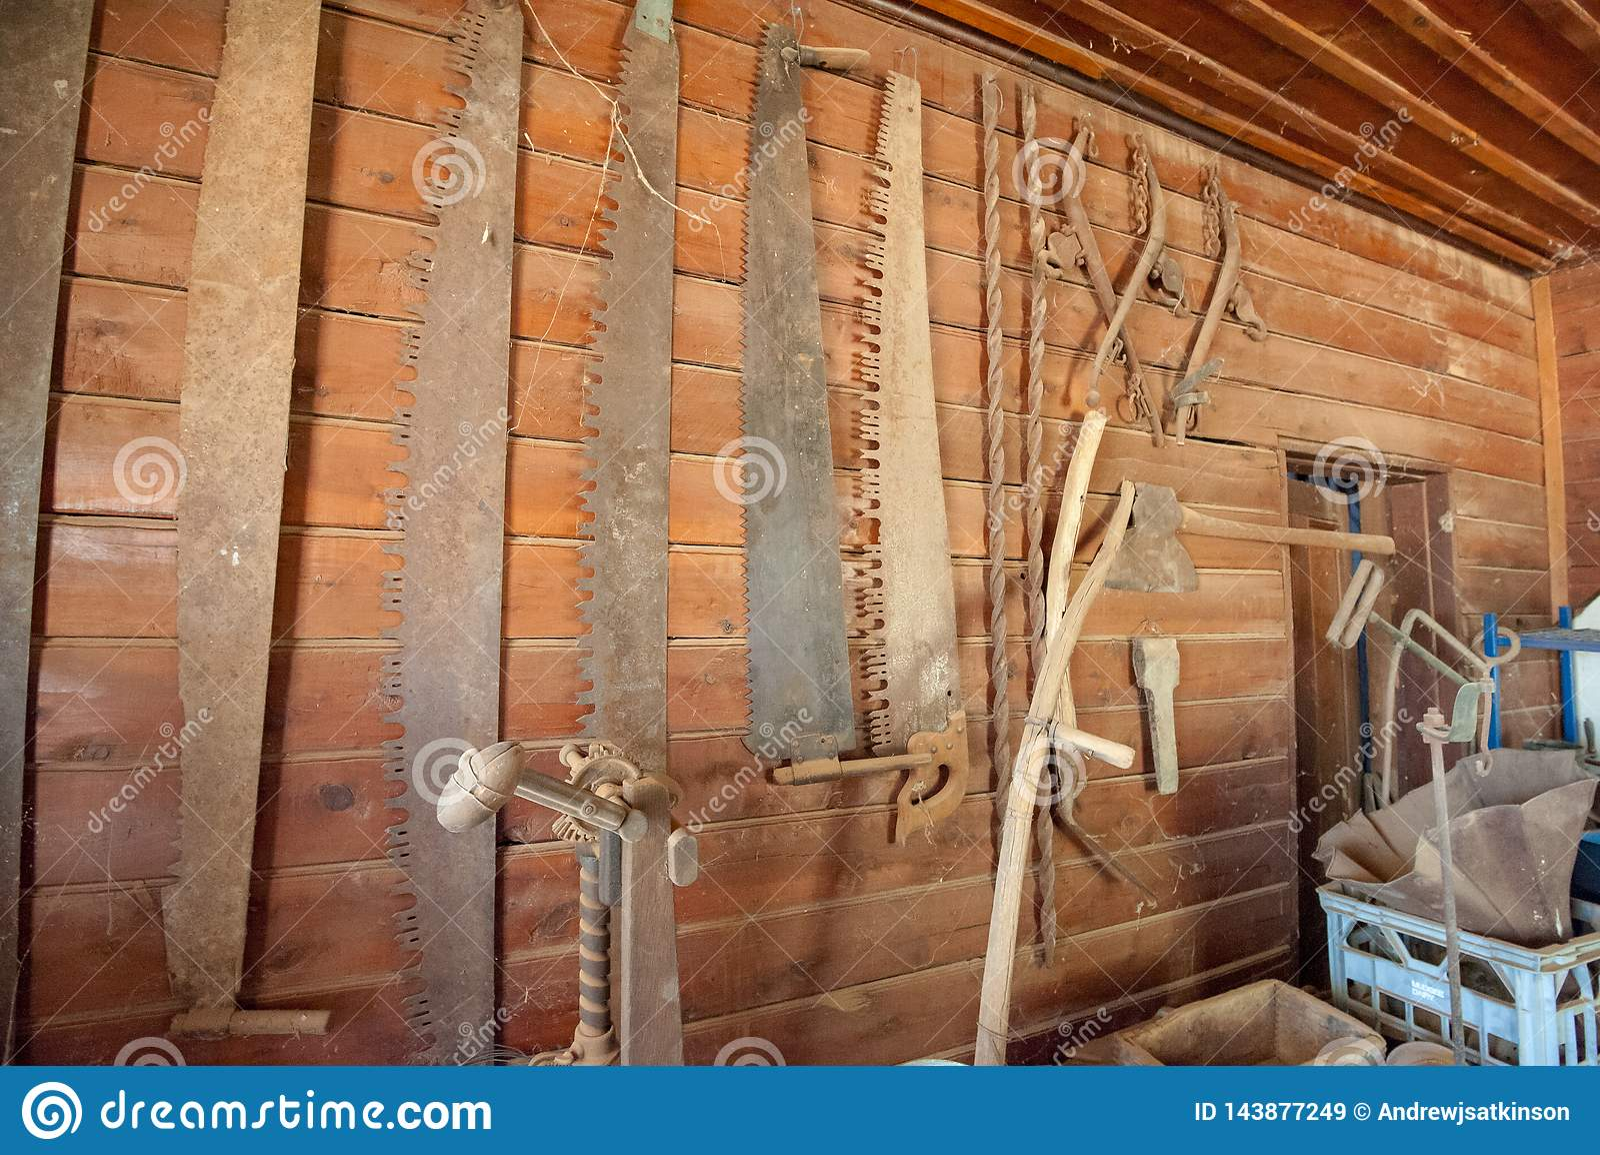 Colección de sierras viejas colgadas en una pared